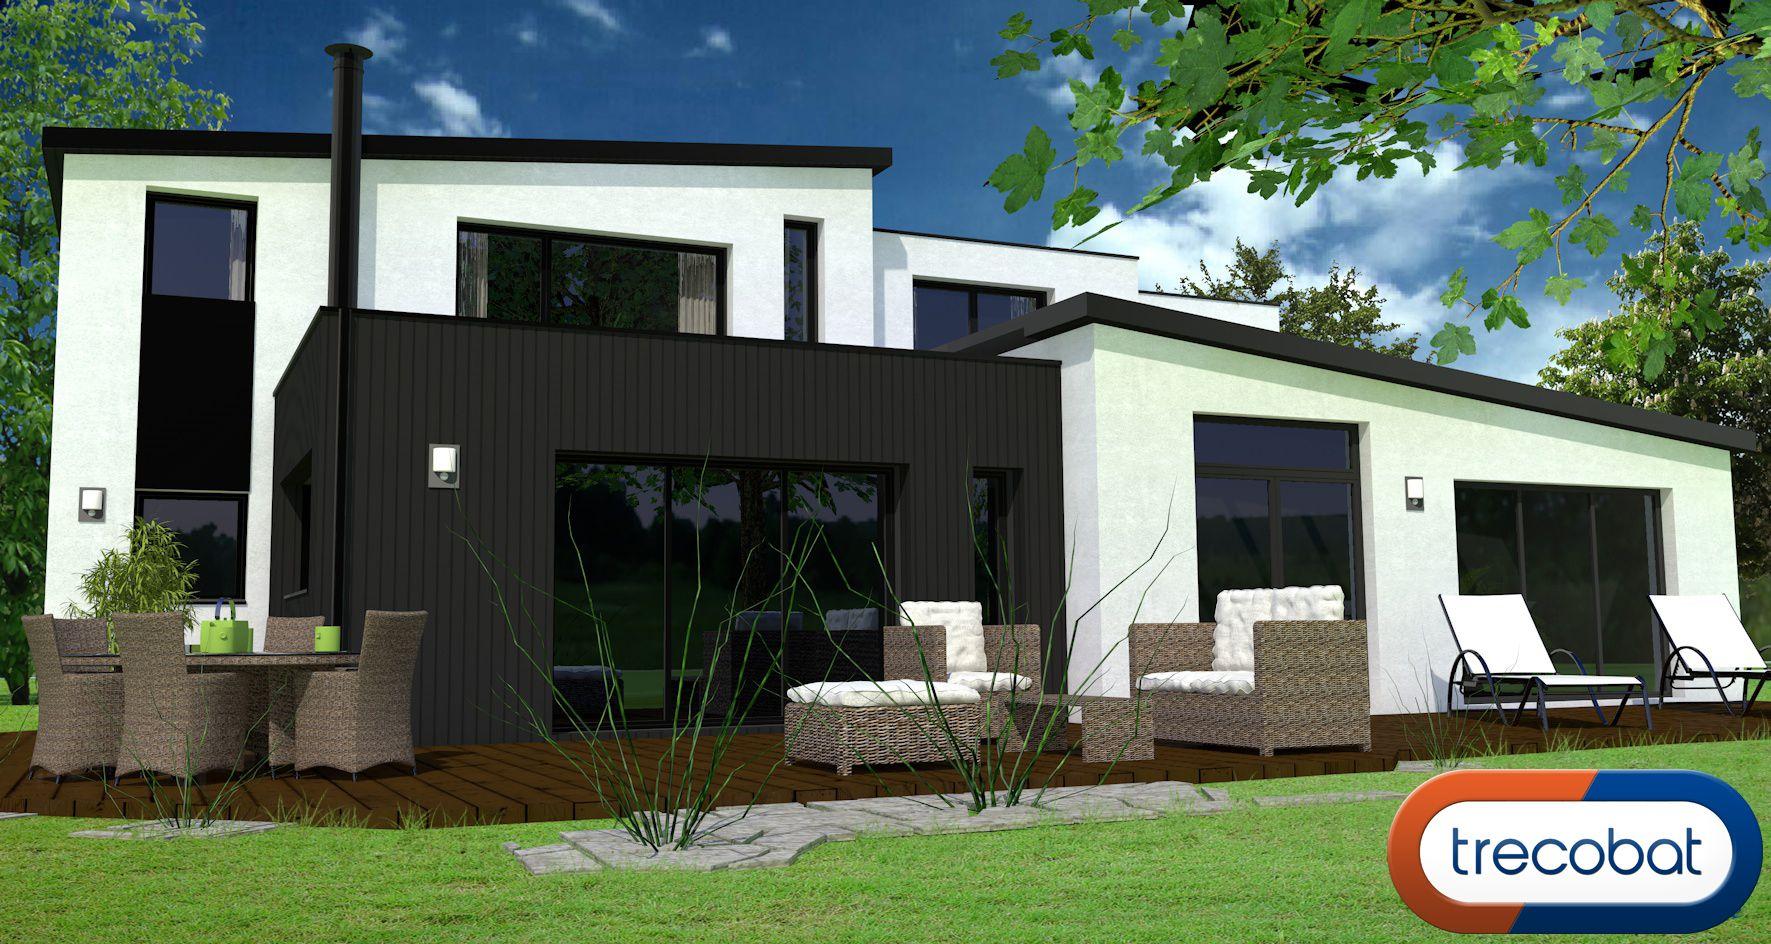 Projetez vous dans votre future maison grâce aux avants projets de trecobat www